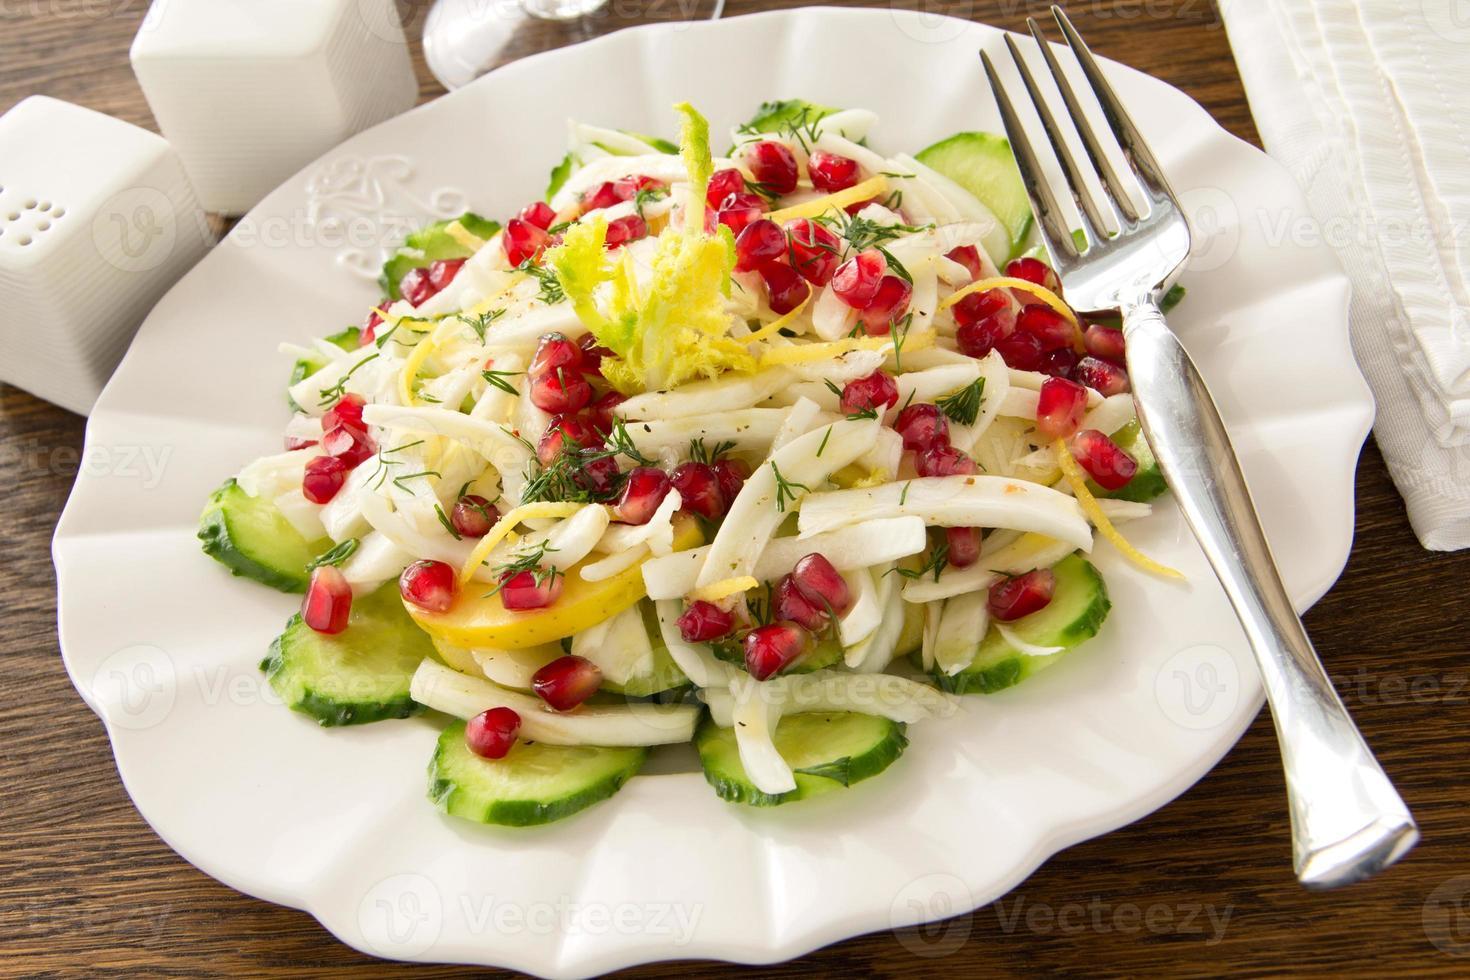 Ensalada de hinojo con pepinos, manzanas y granada. foto